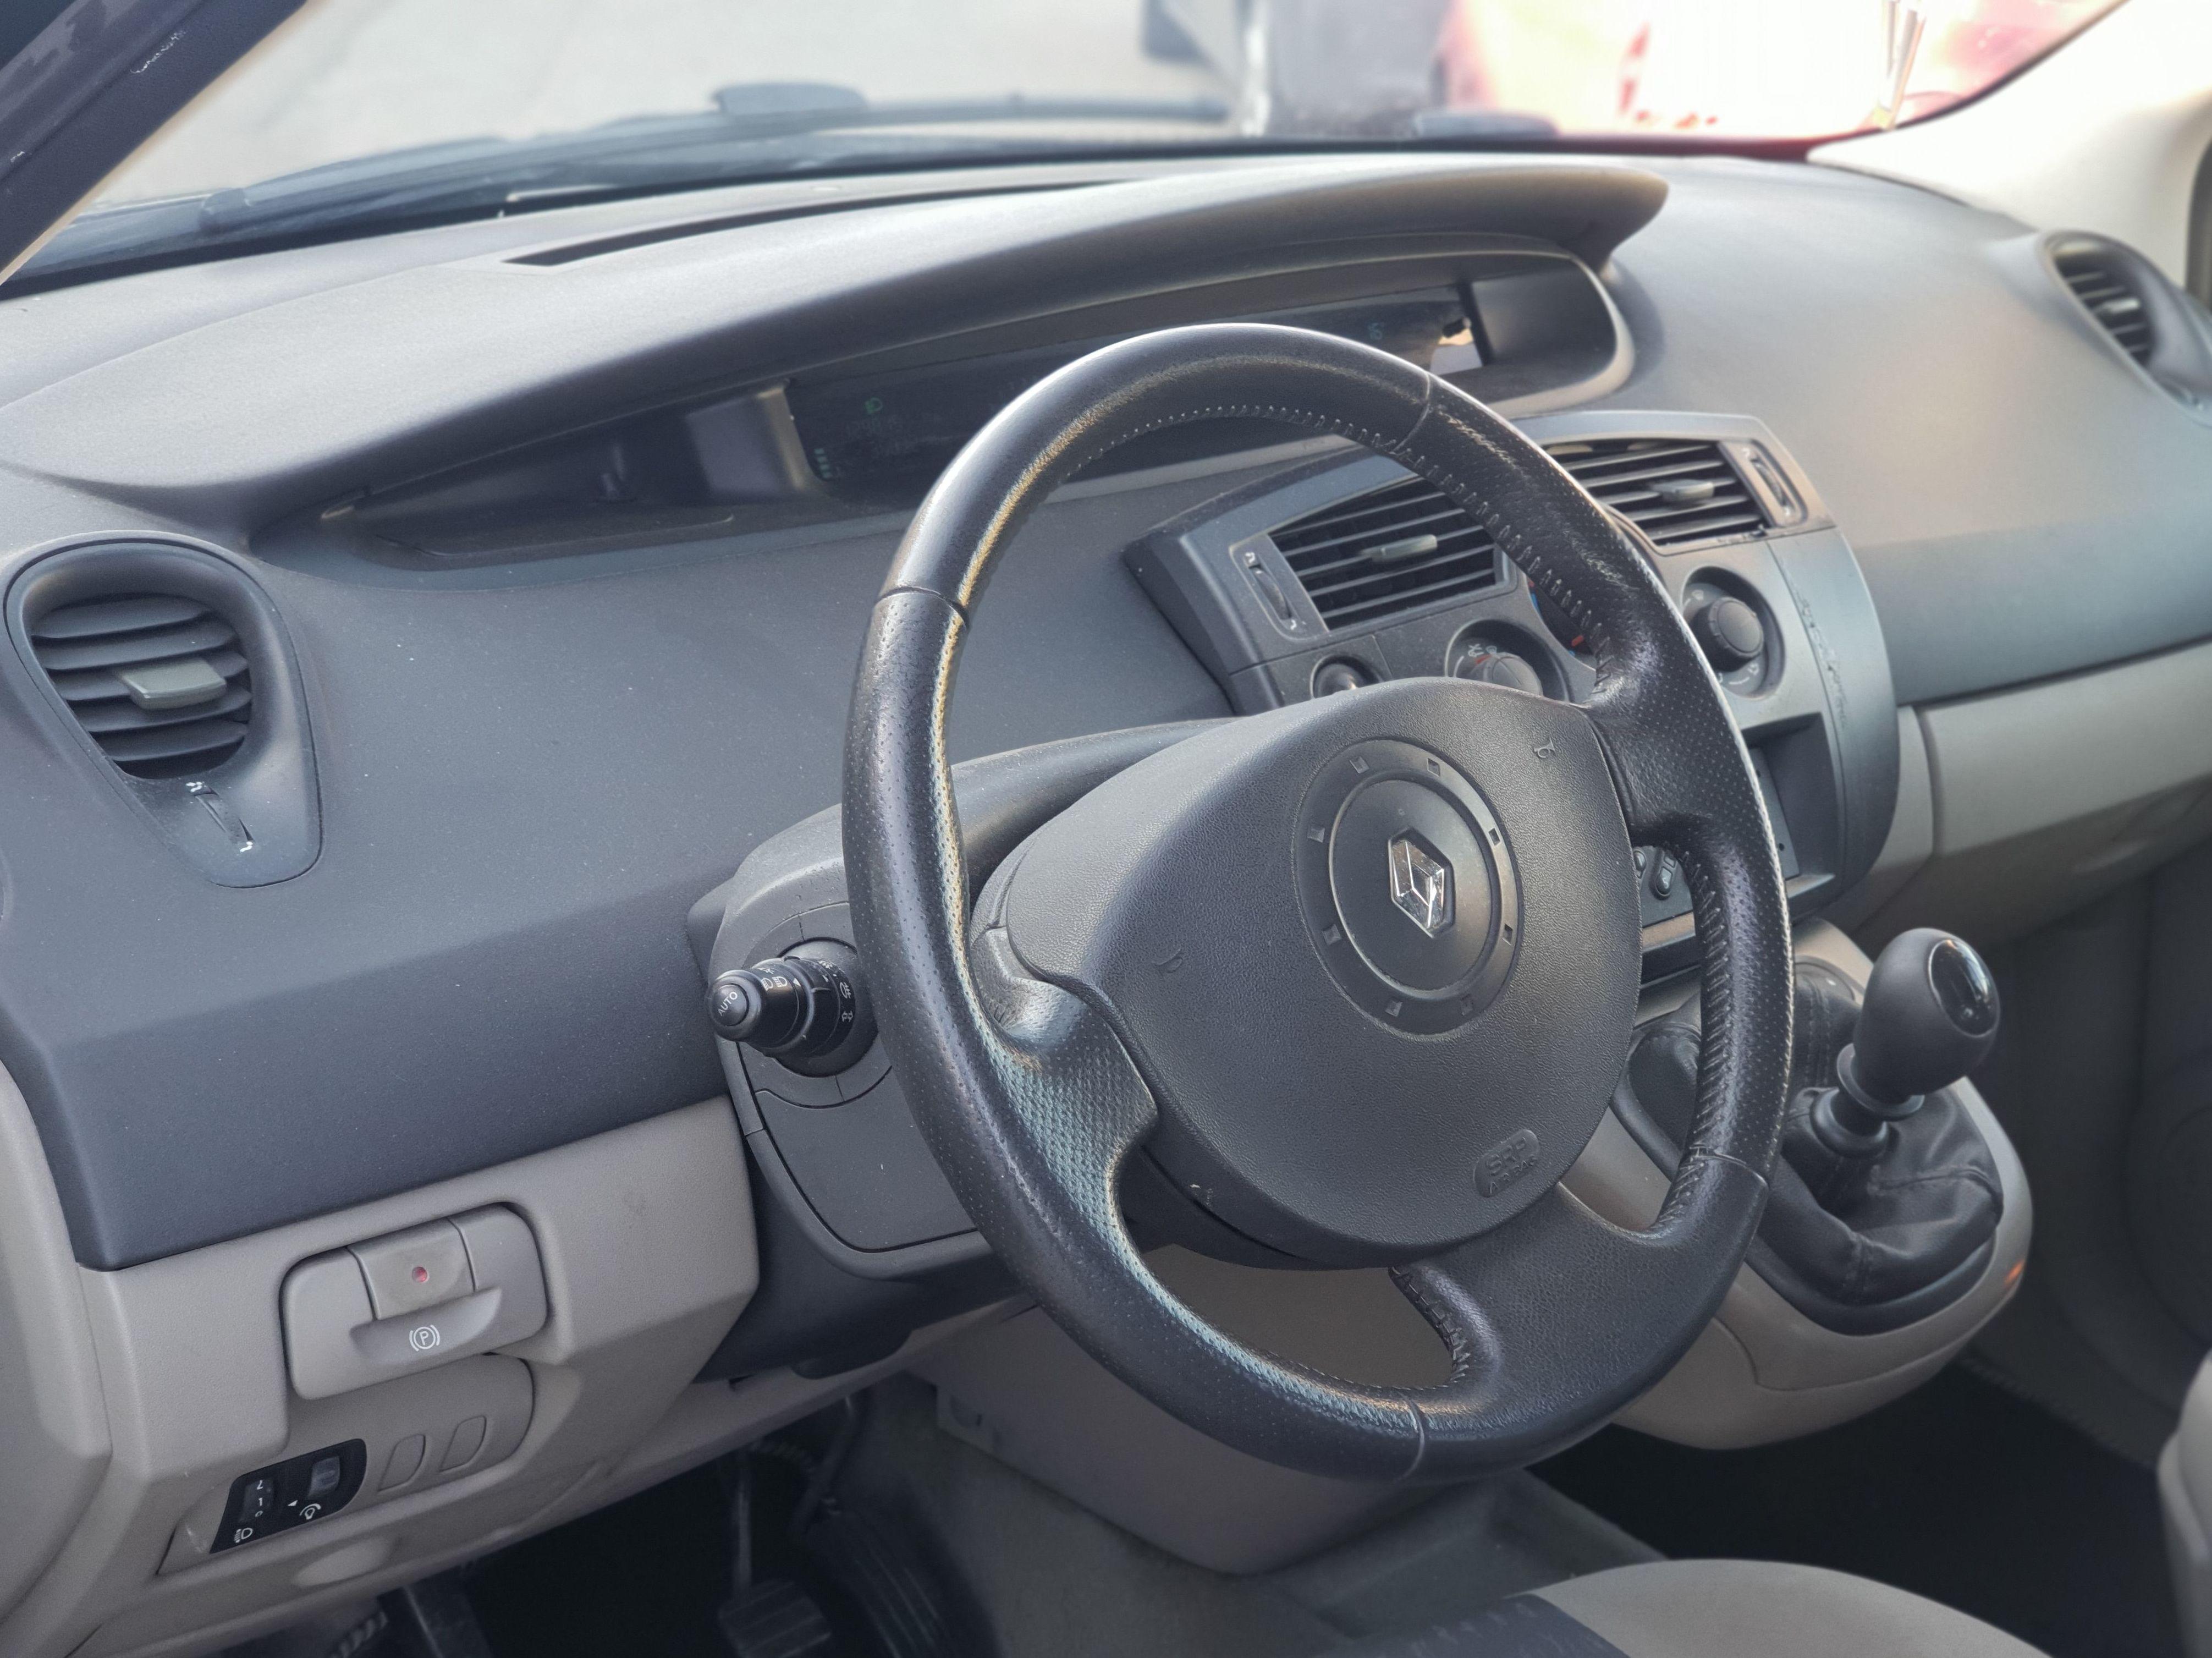 Renault Scenic 1.9 DCI 120 CV : Suspensiones y vehículos de Romero Autoparts Zaragoza